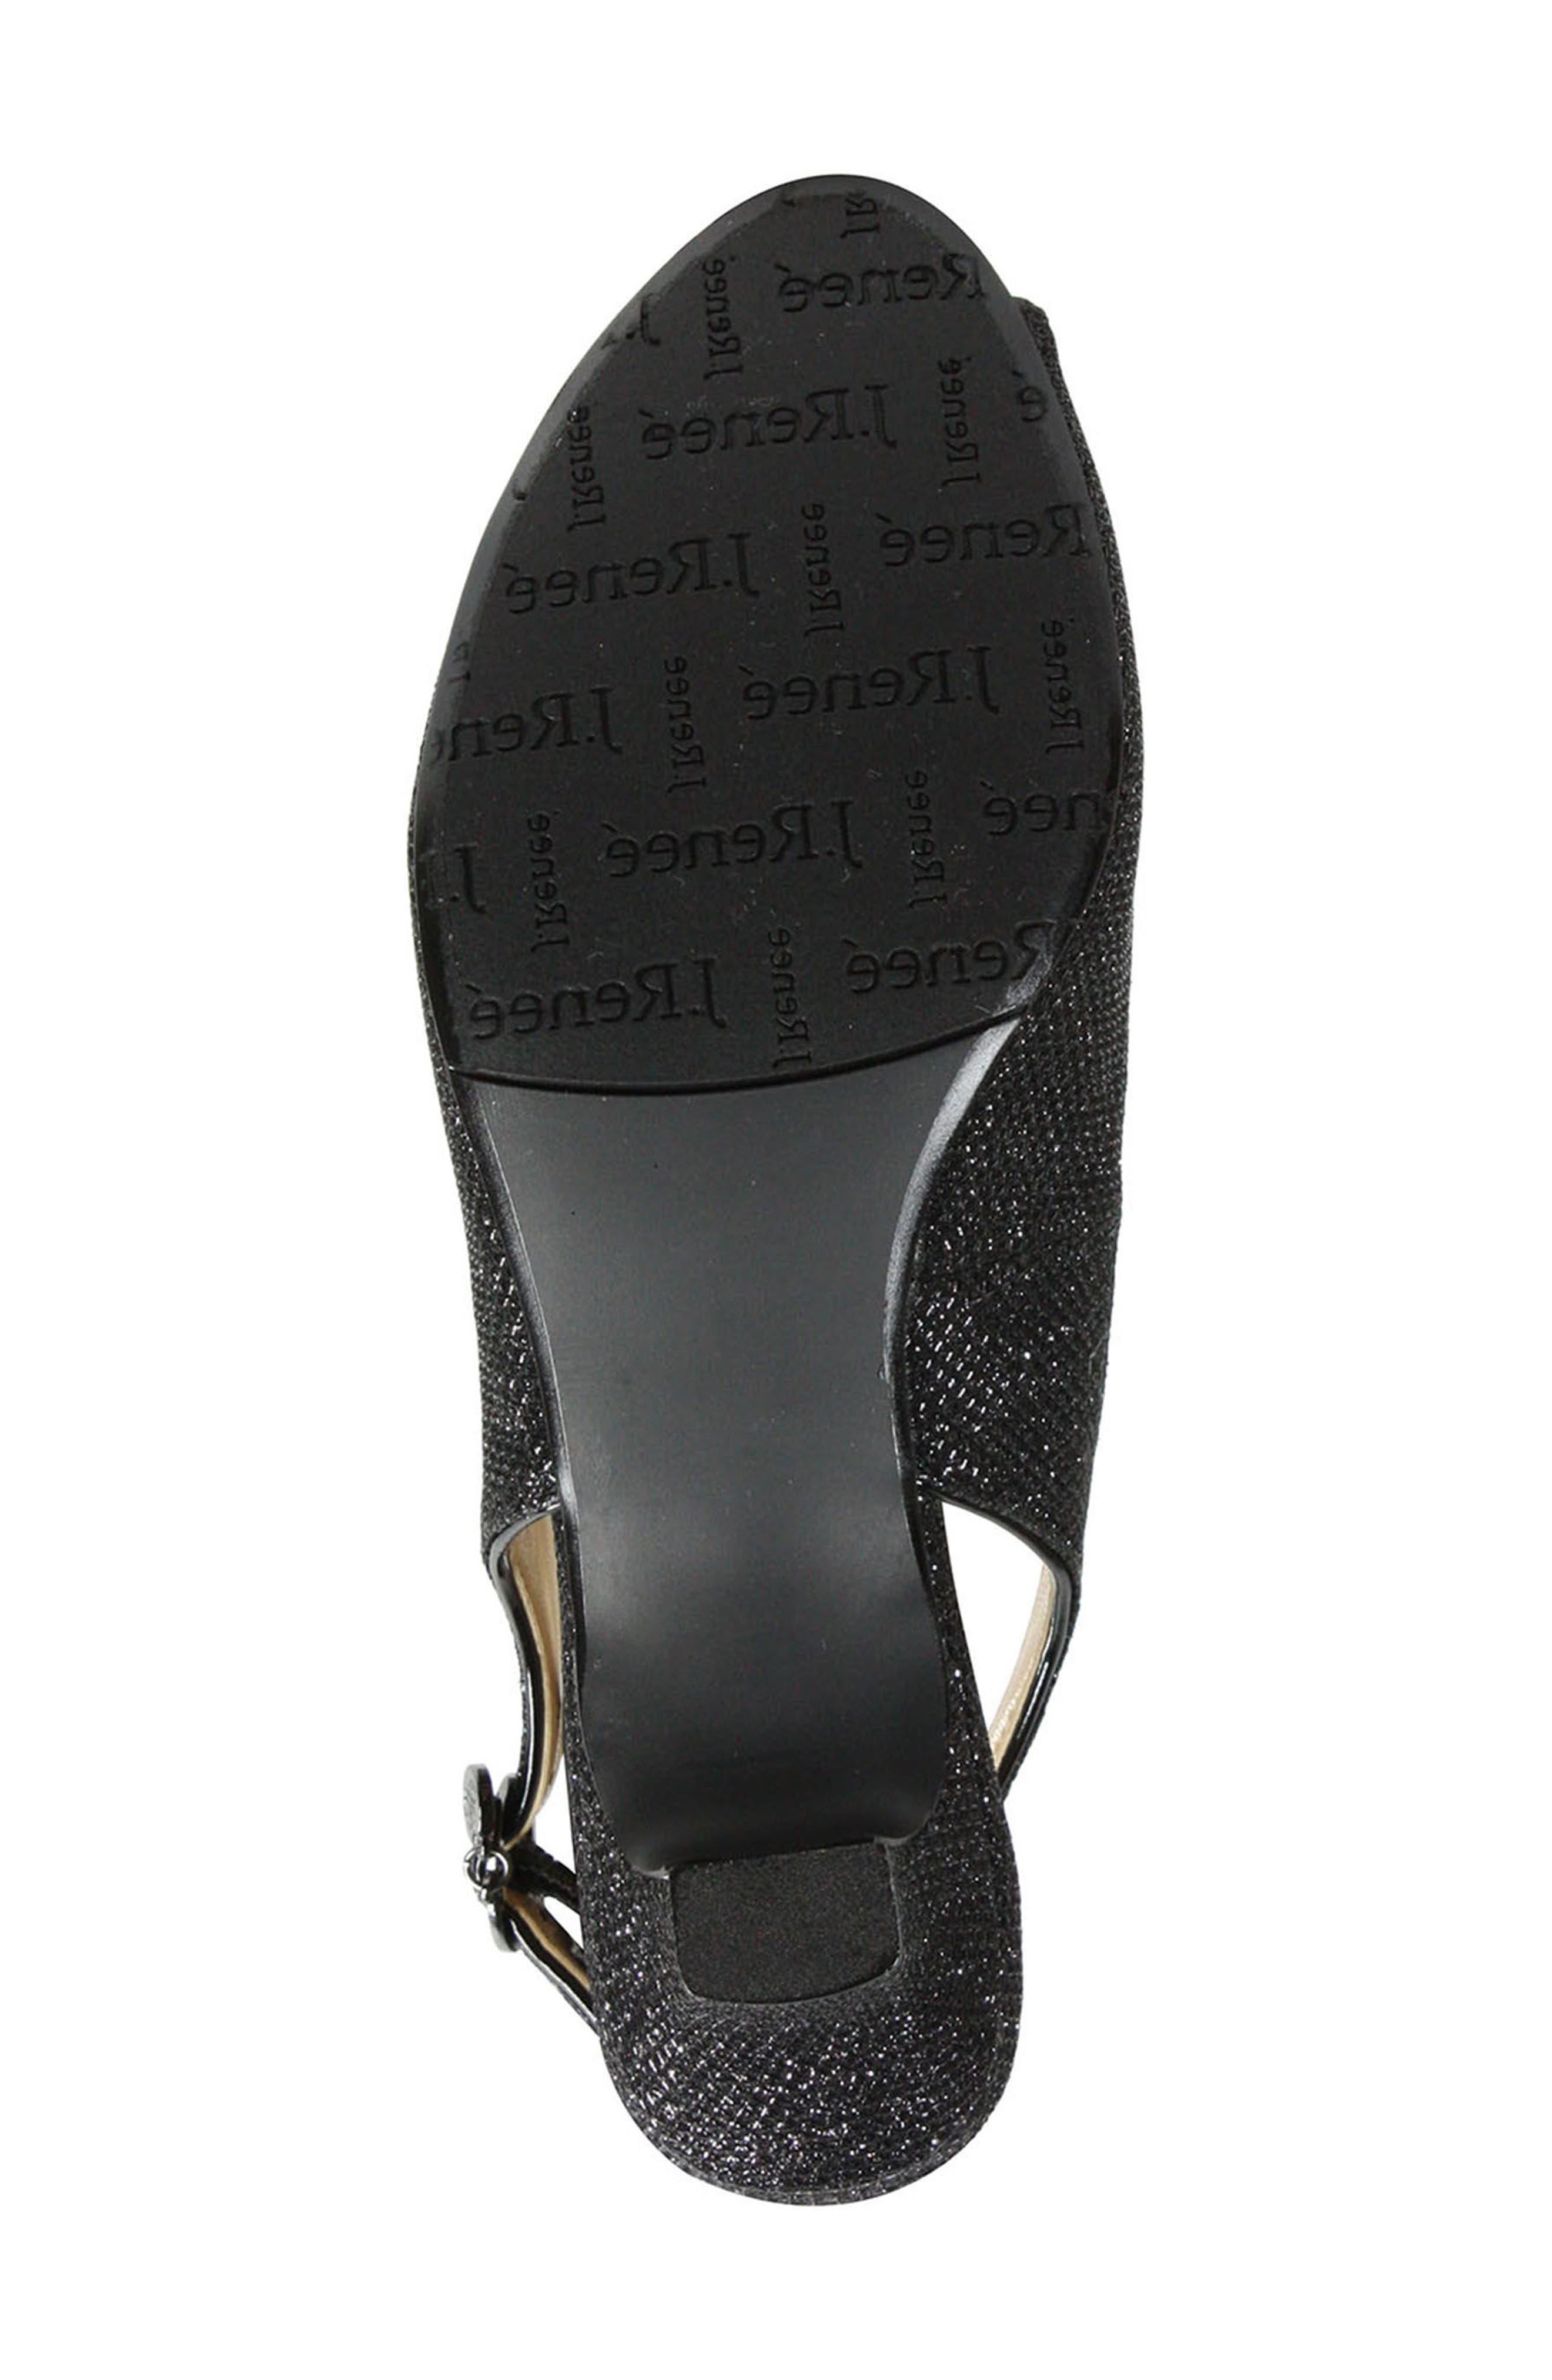 Jenvey Slingback Sandal,                             Alternate thumbnail 5, color,                             Black Fabric